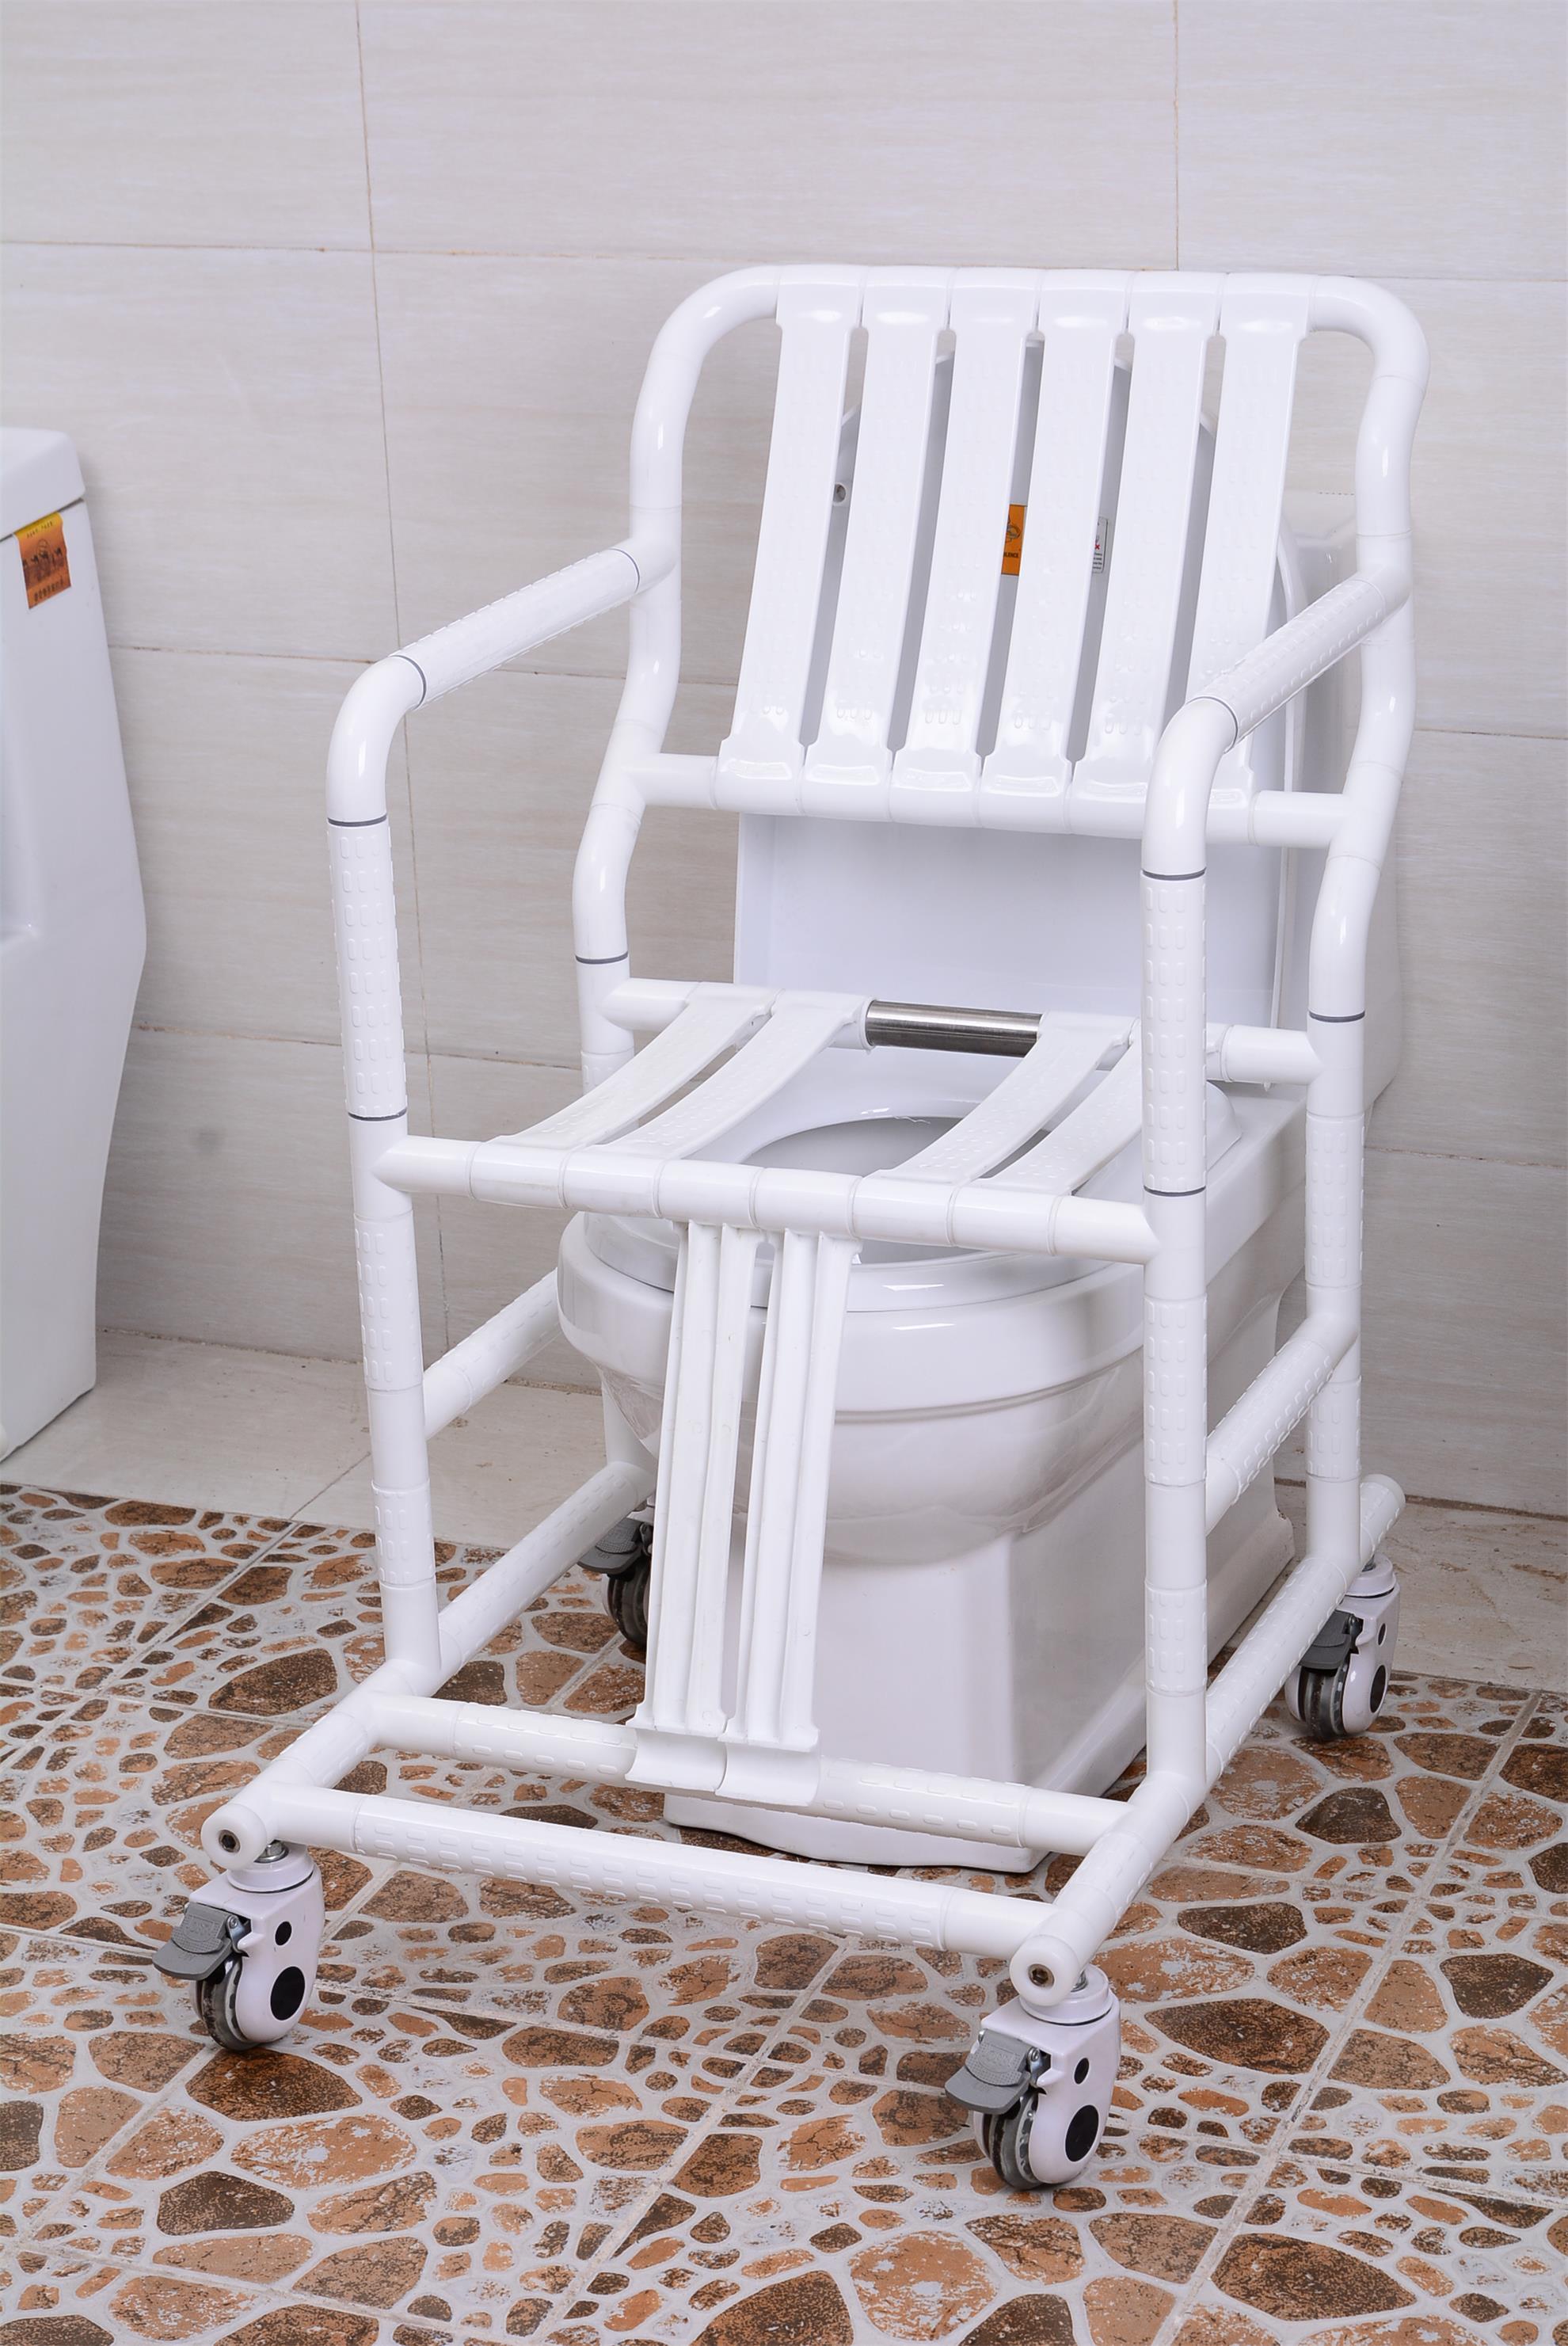 多功能坐便凳 BMC106-01